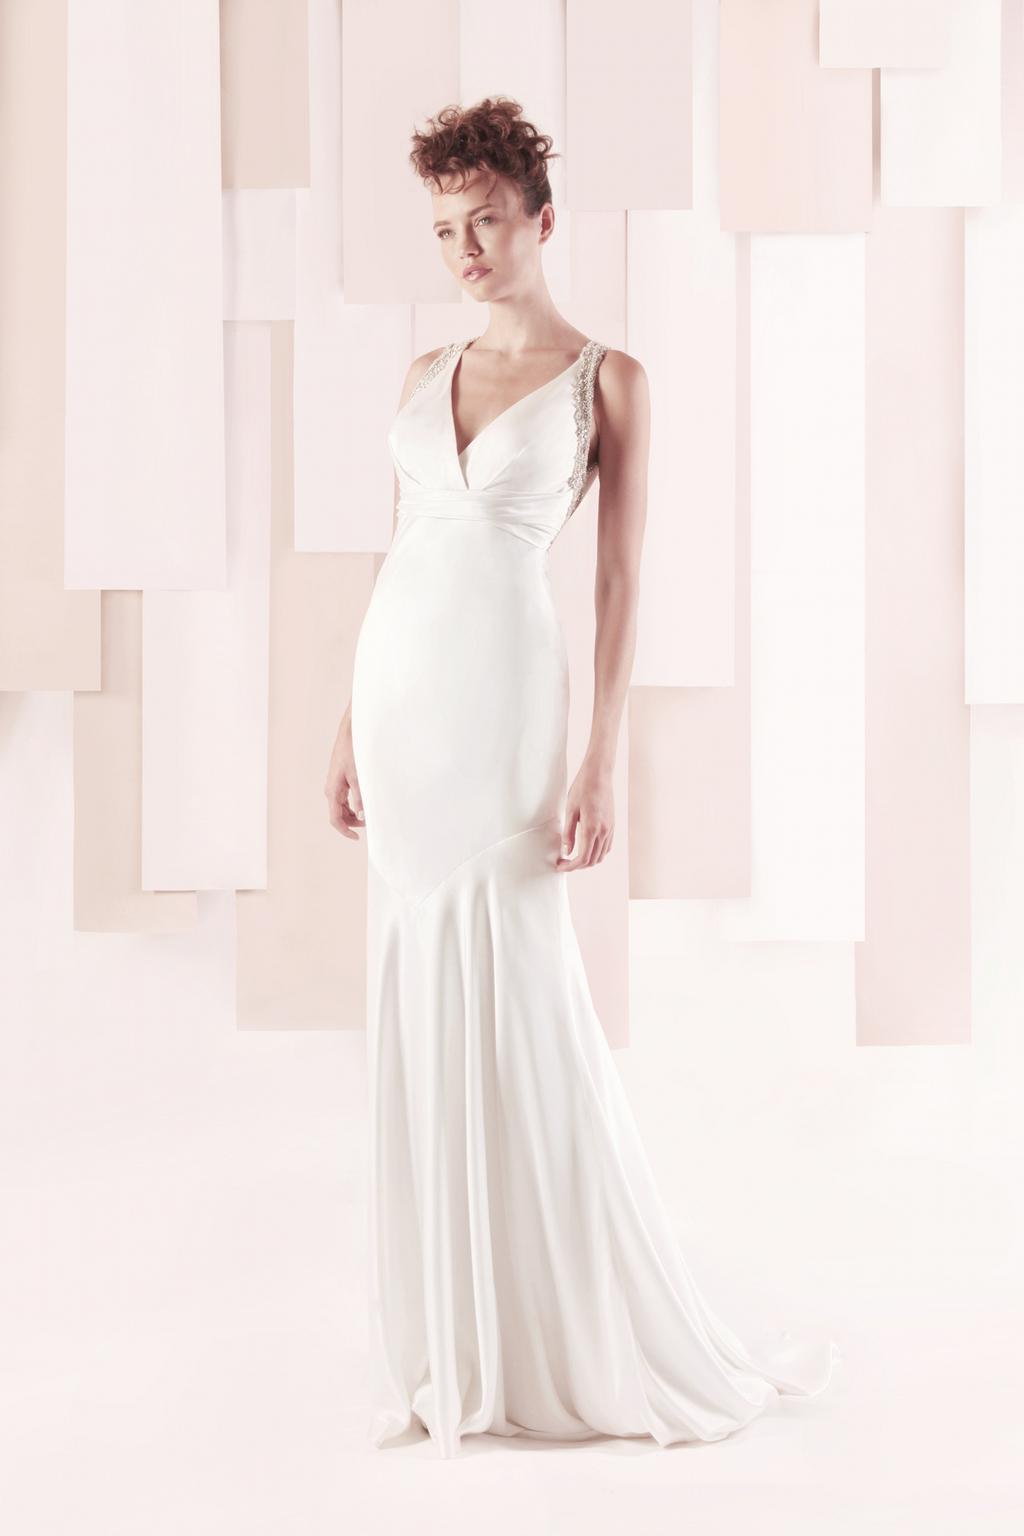 Wedding-dress-by-gemy-maalouf-2013-bridal-style-3320.full